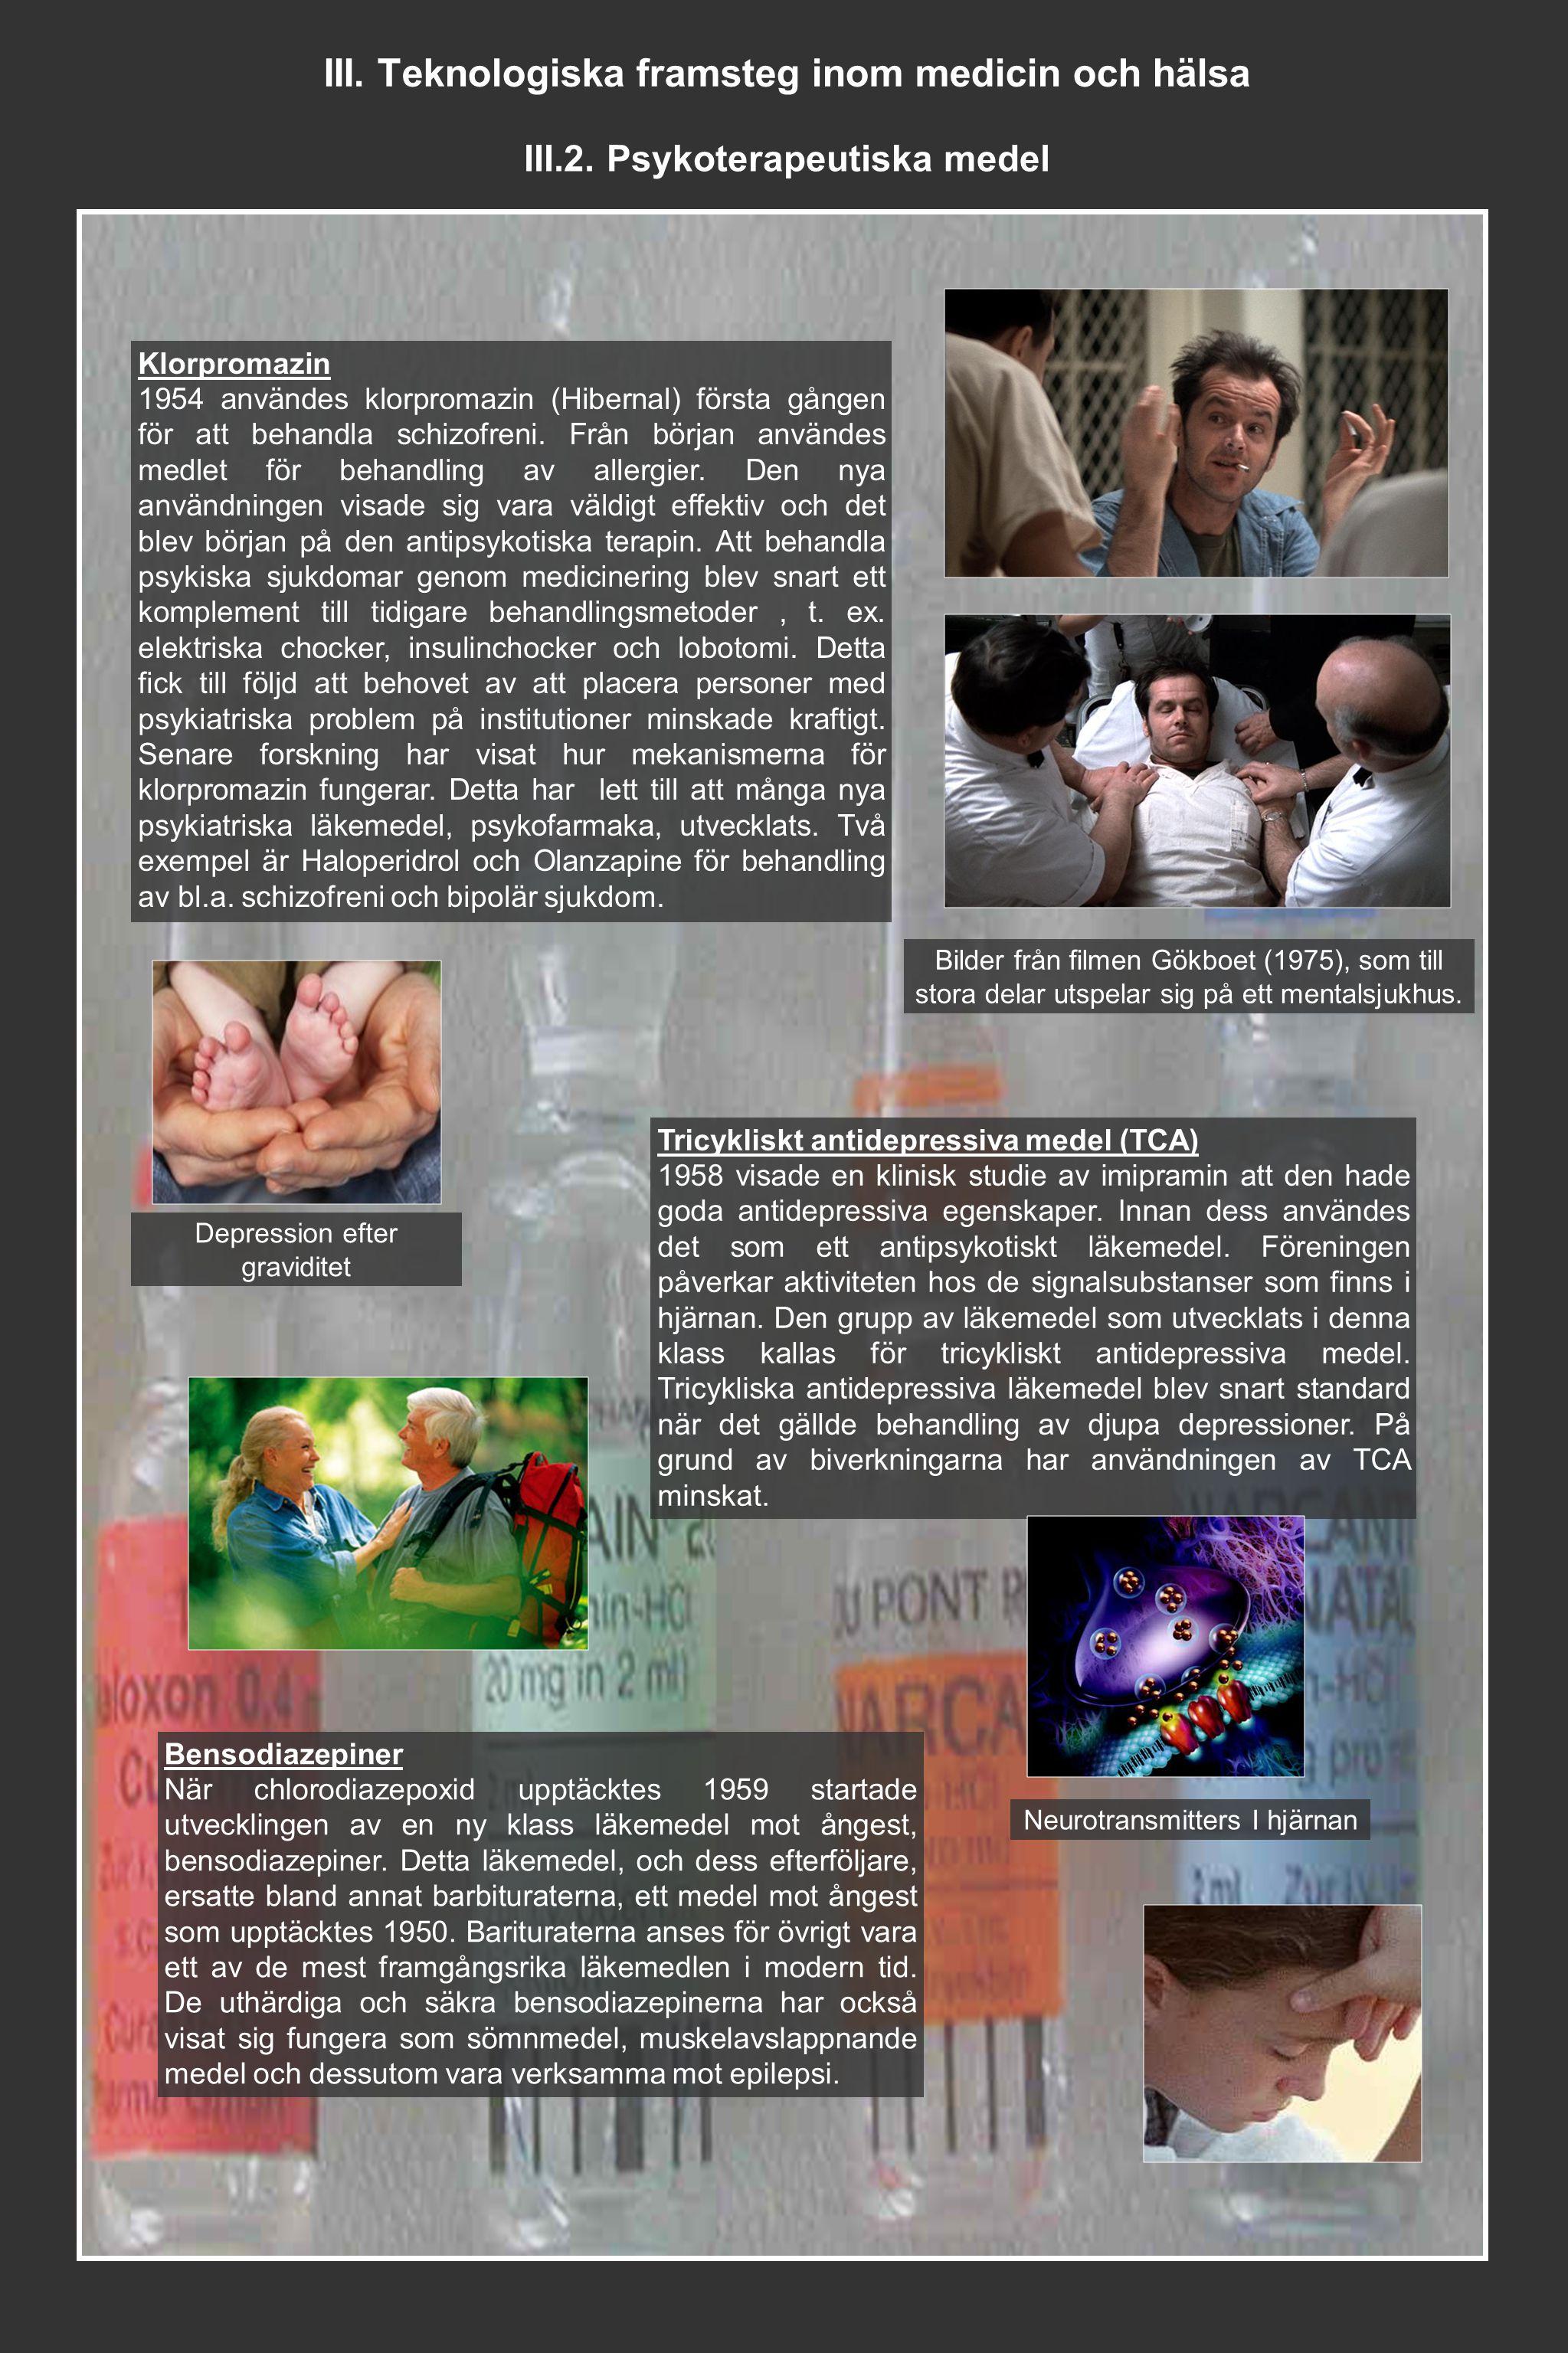 III. Teknologiska framsteg inom medicin och hälsa III.2. Psykoterapeutiska medel Klorpromazin 1954 användes klorpromazin (Hibernal) första gången för